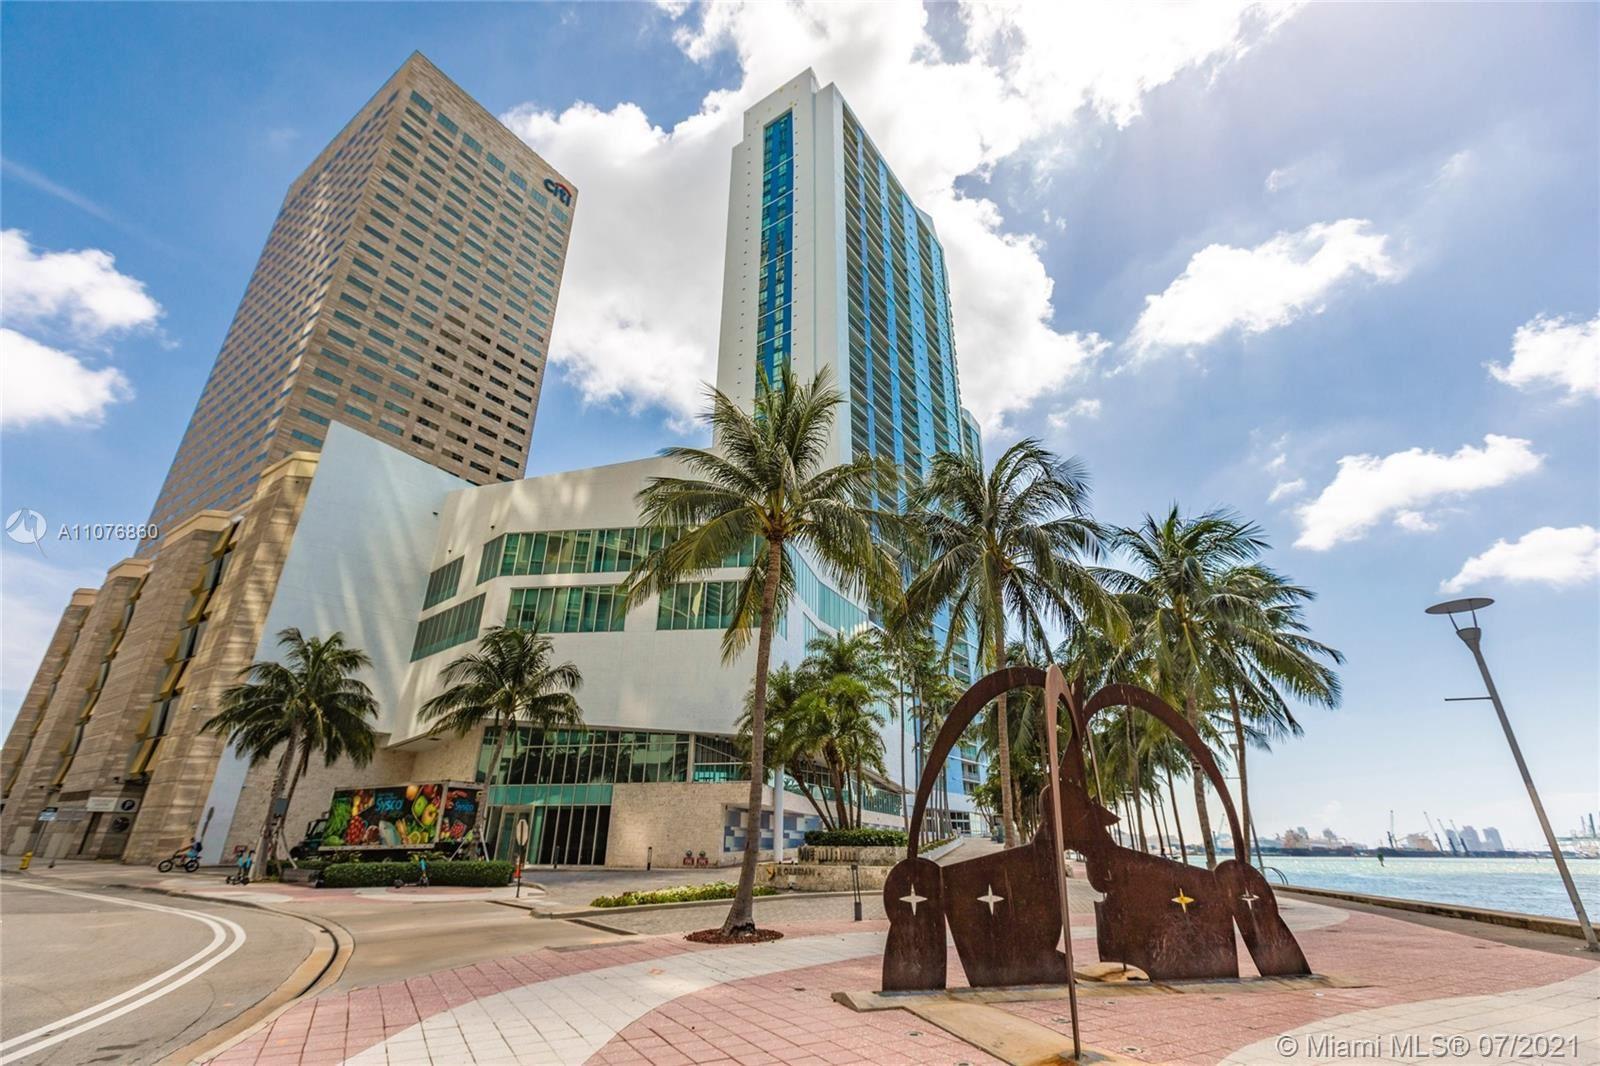 325 S Biscayne Blvd #17, Miami, FL 33131 - #: A11076860